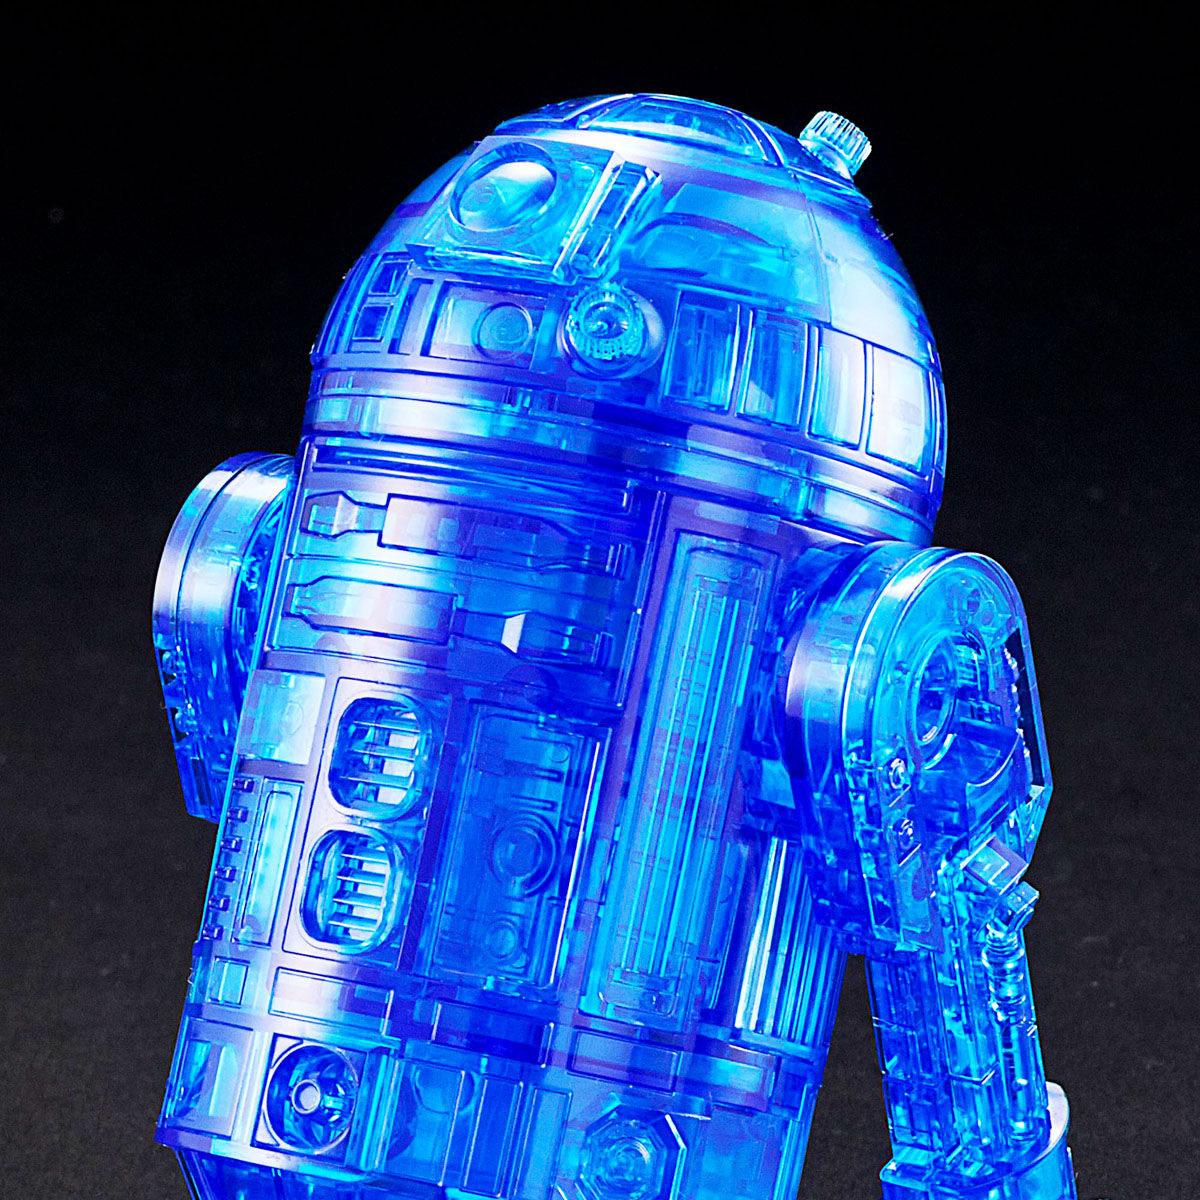 【限定販売】1/12『R2-D2(ホログラムVer.)』スター・ウォーズ プラモデル-001